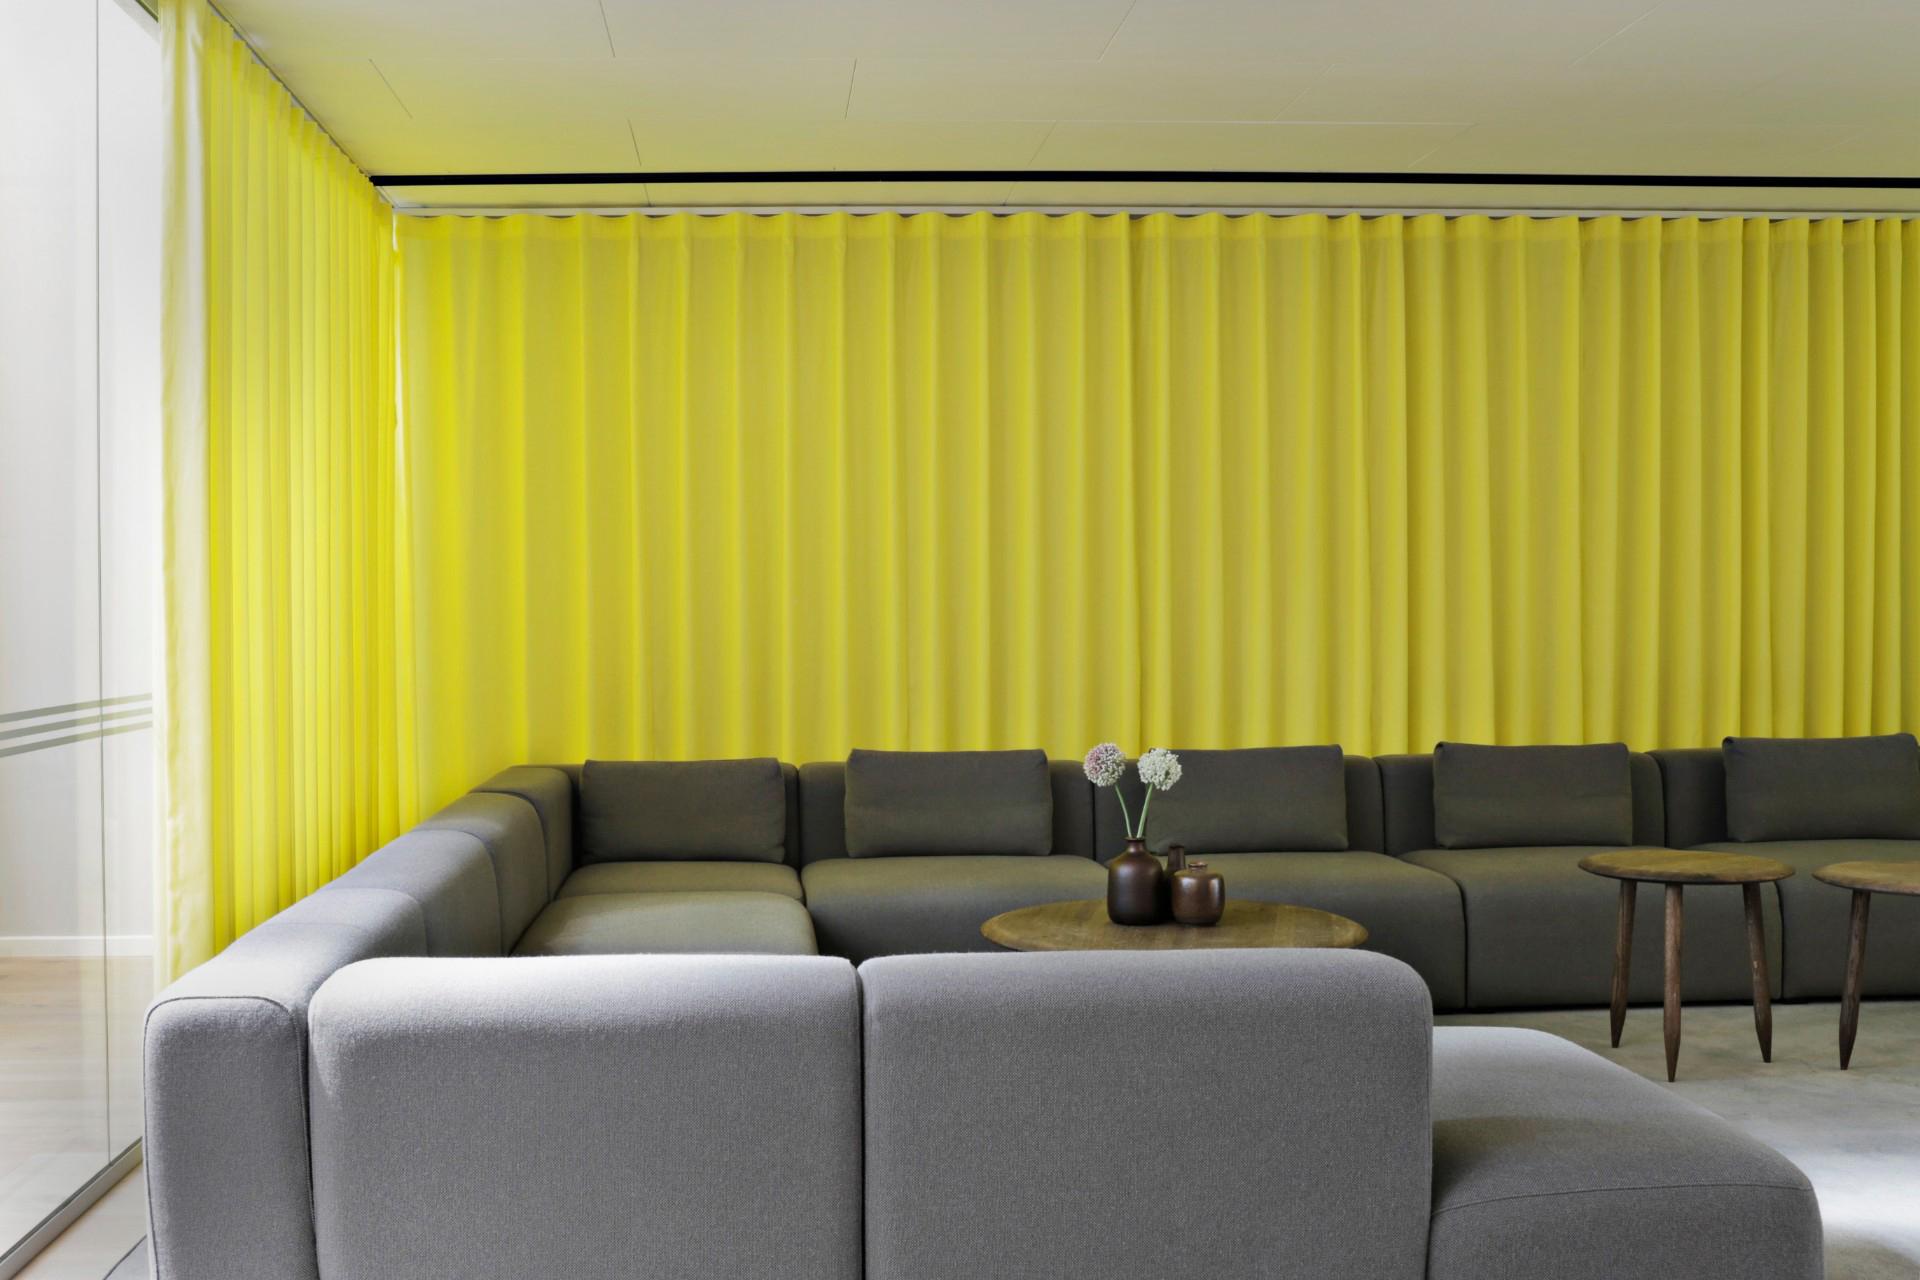 sofie-ladefoged-interior-impact-08.jpg